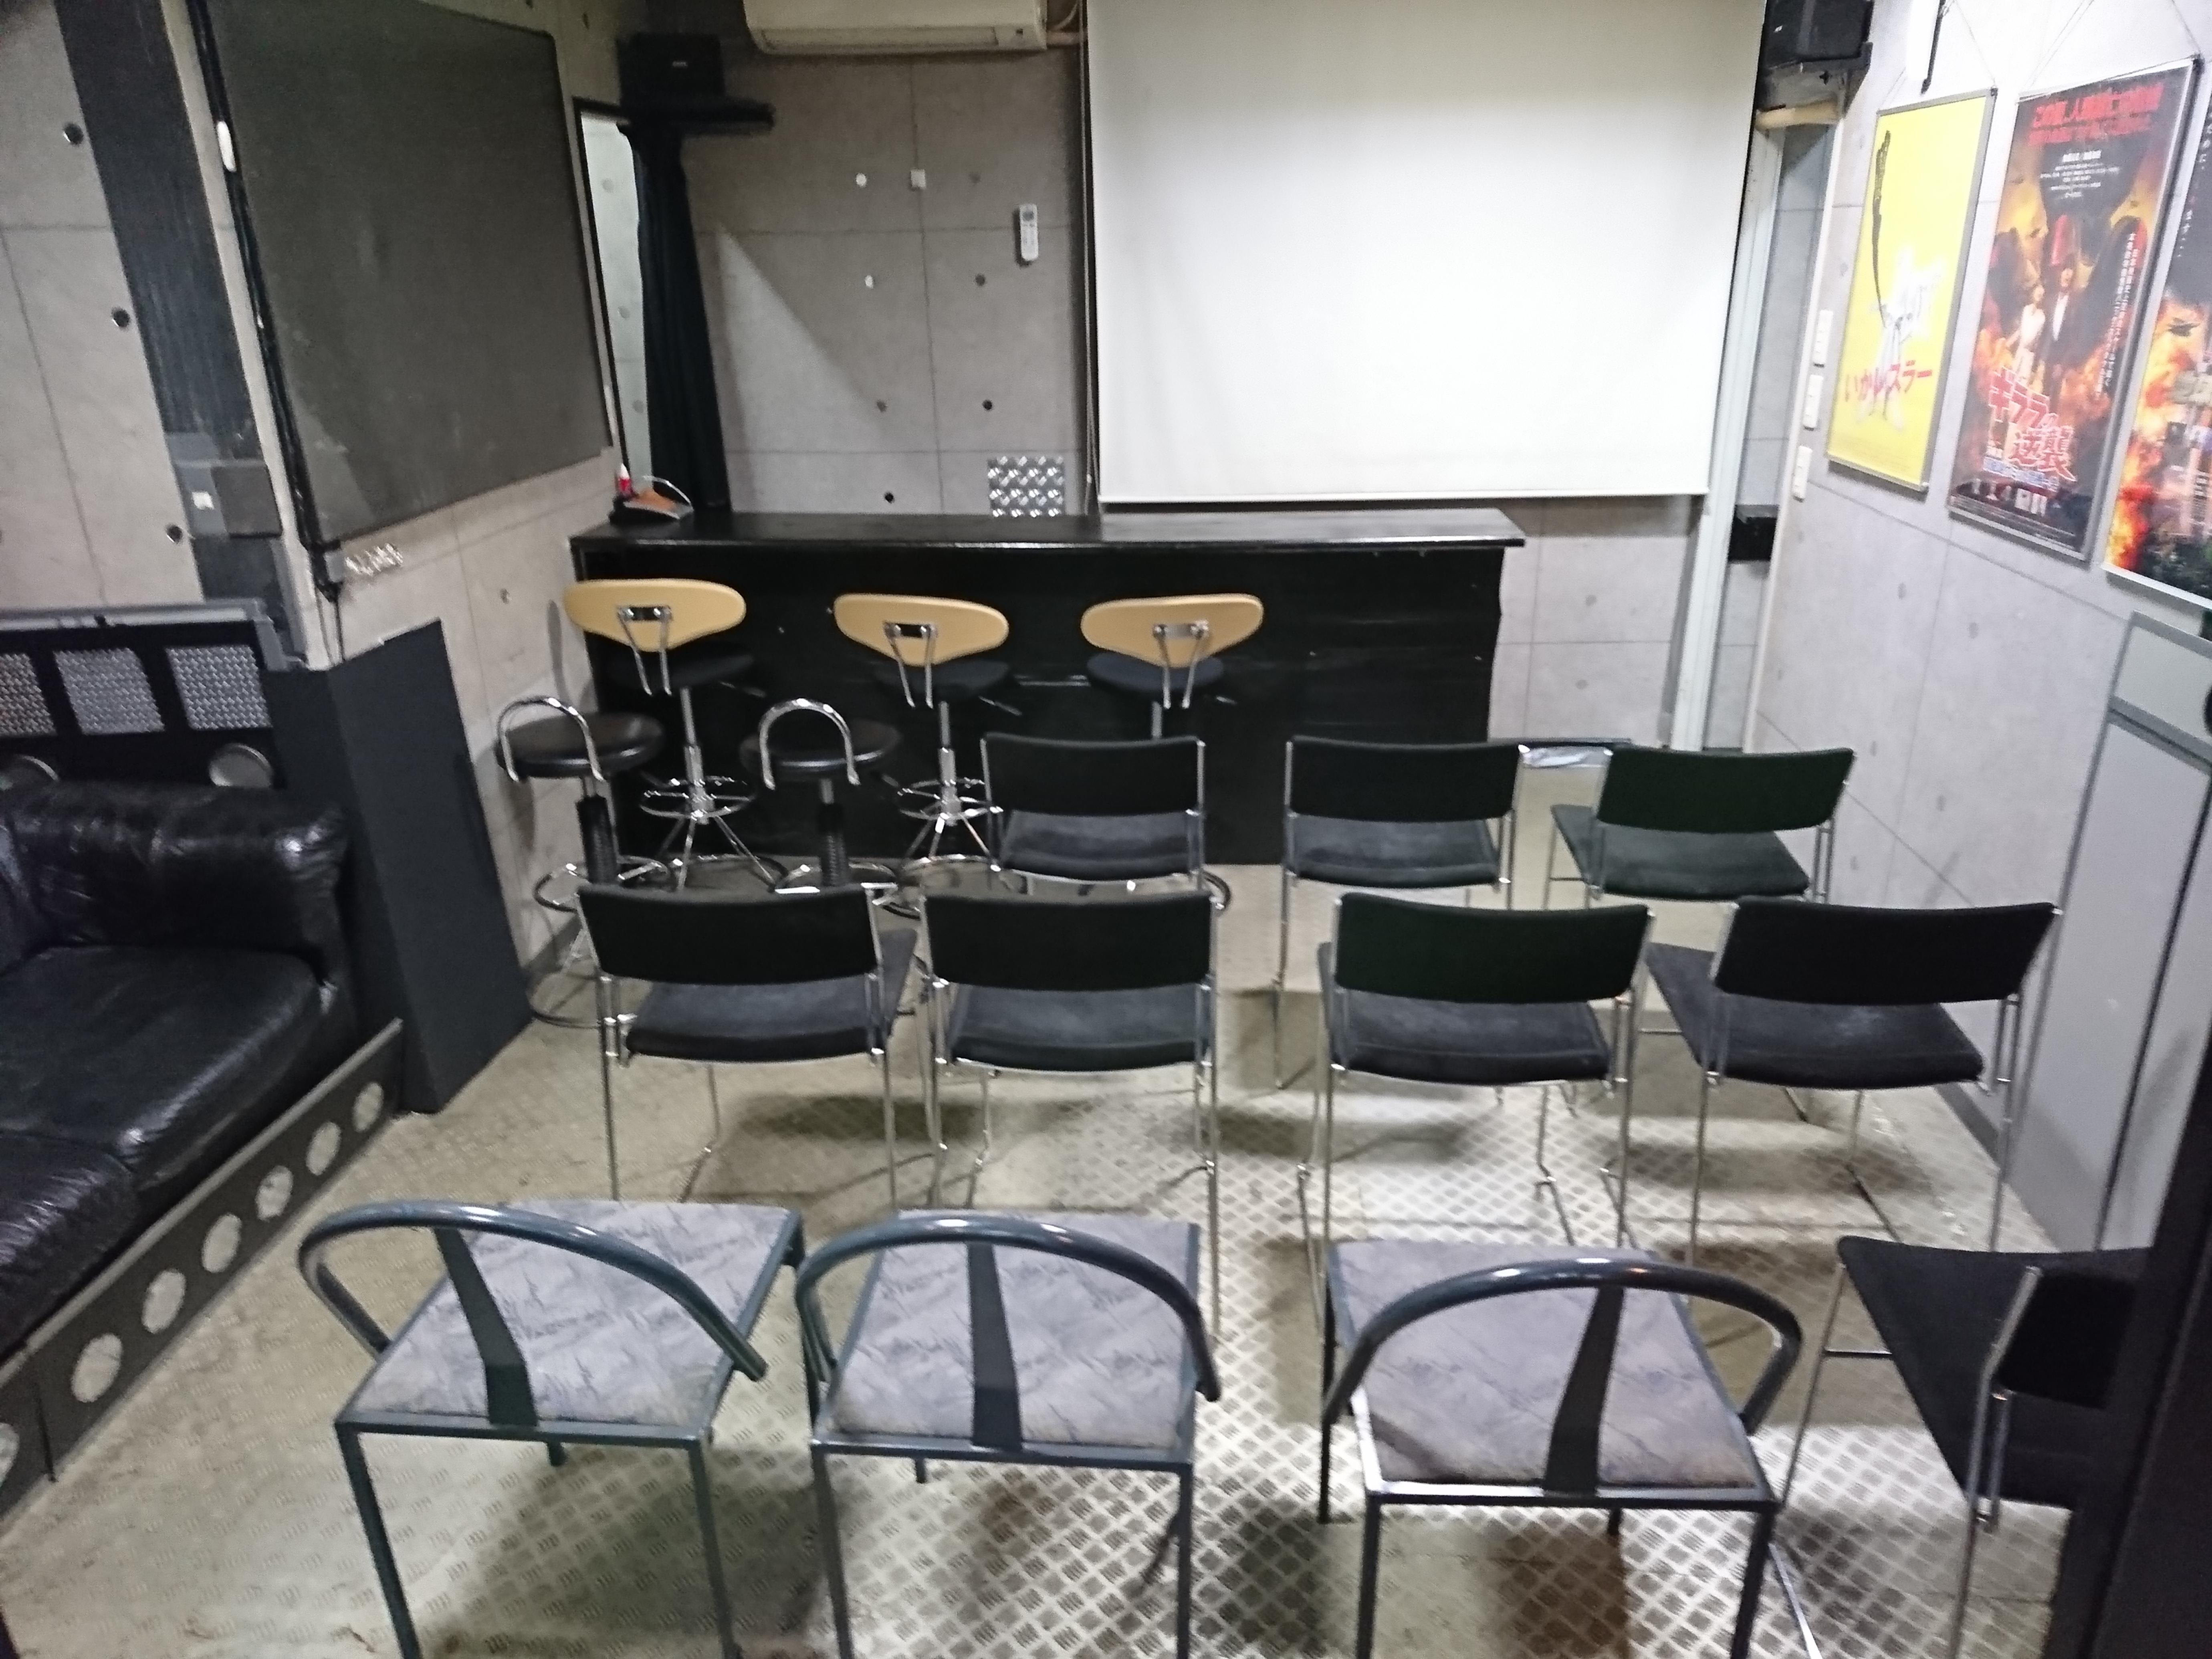 ルナベース オフ会スペース、イベント会場の室内の写真